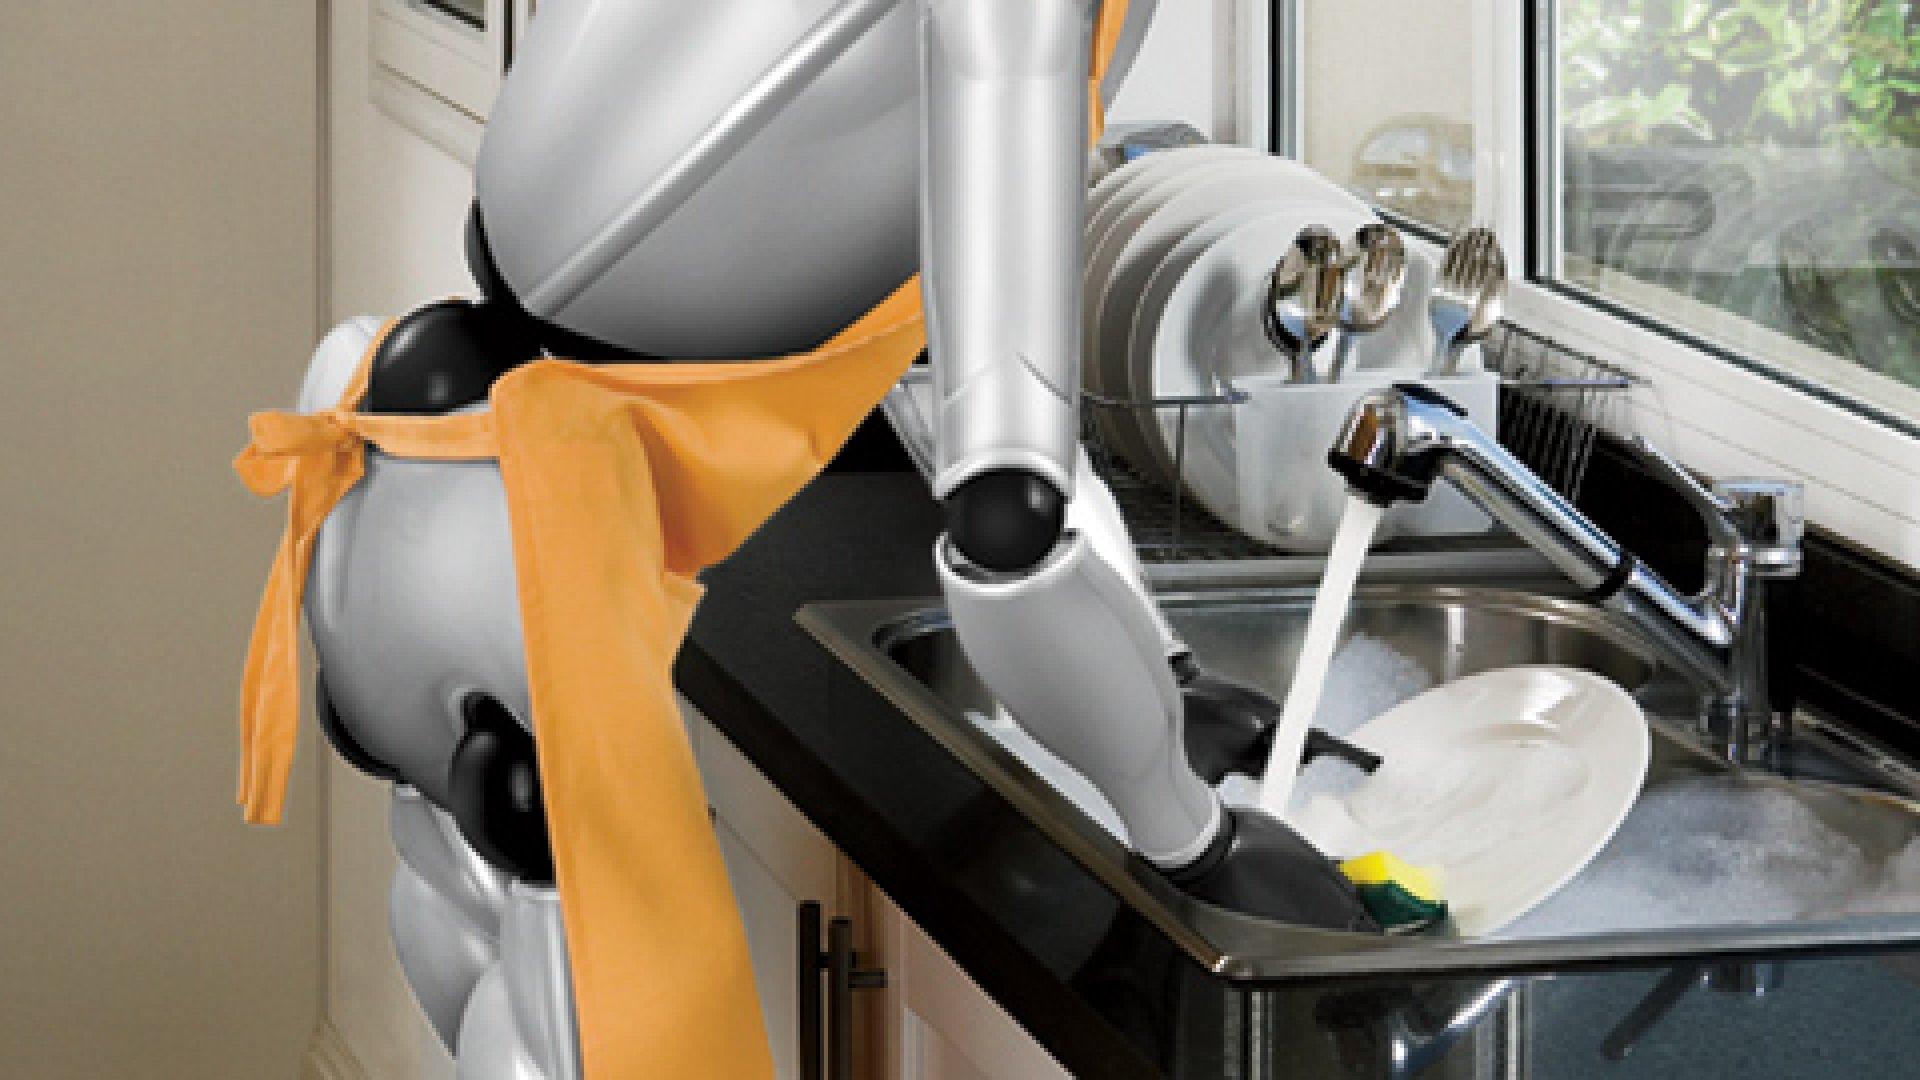 Study: Humans and Robots Should Swap Jobs